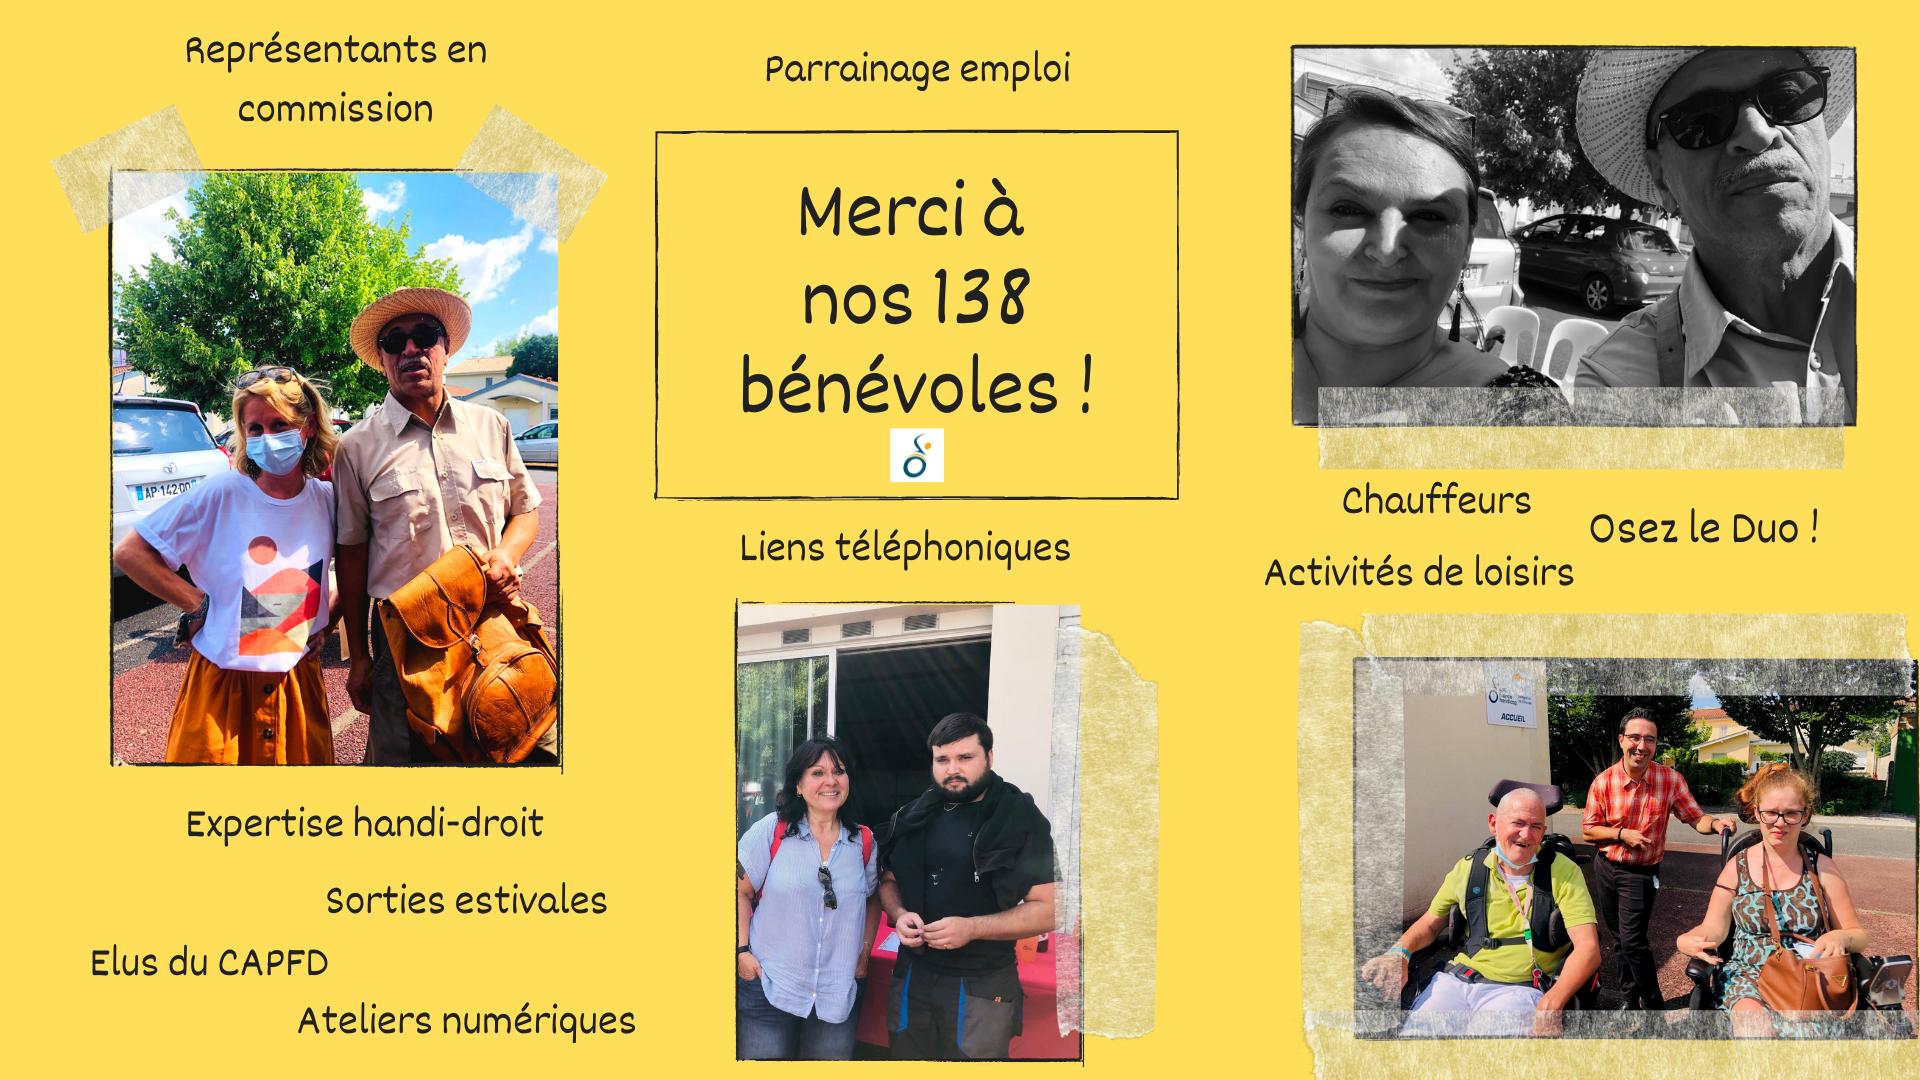 APF, handicap, bénévoles, convivialité, Gironde, droits, sorties, loisirs, chauffeurs, parrainage, emploi, lien téléphonique